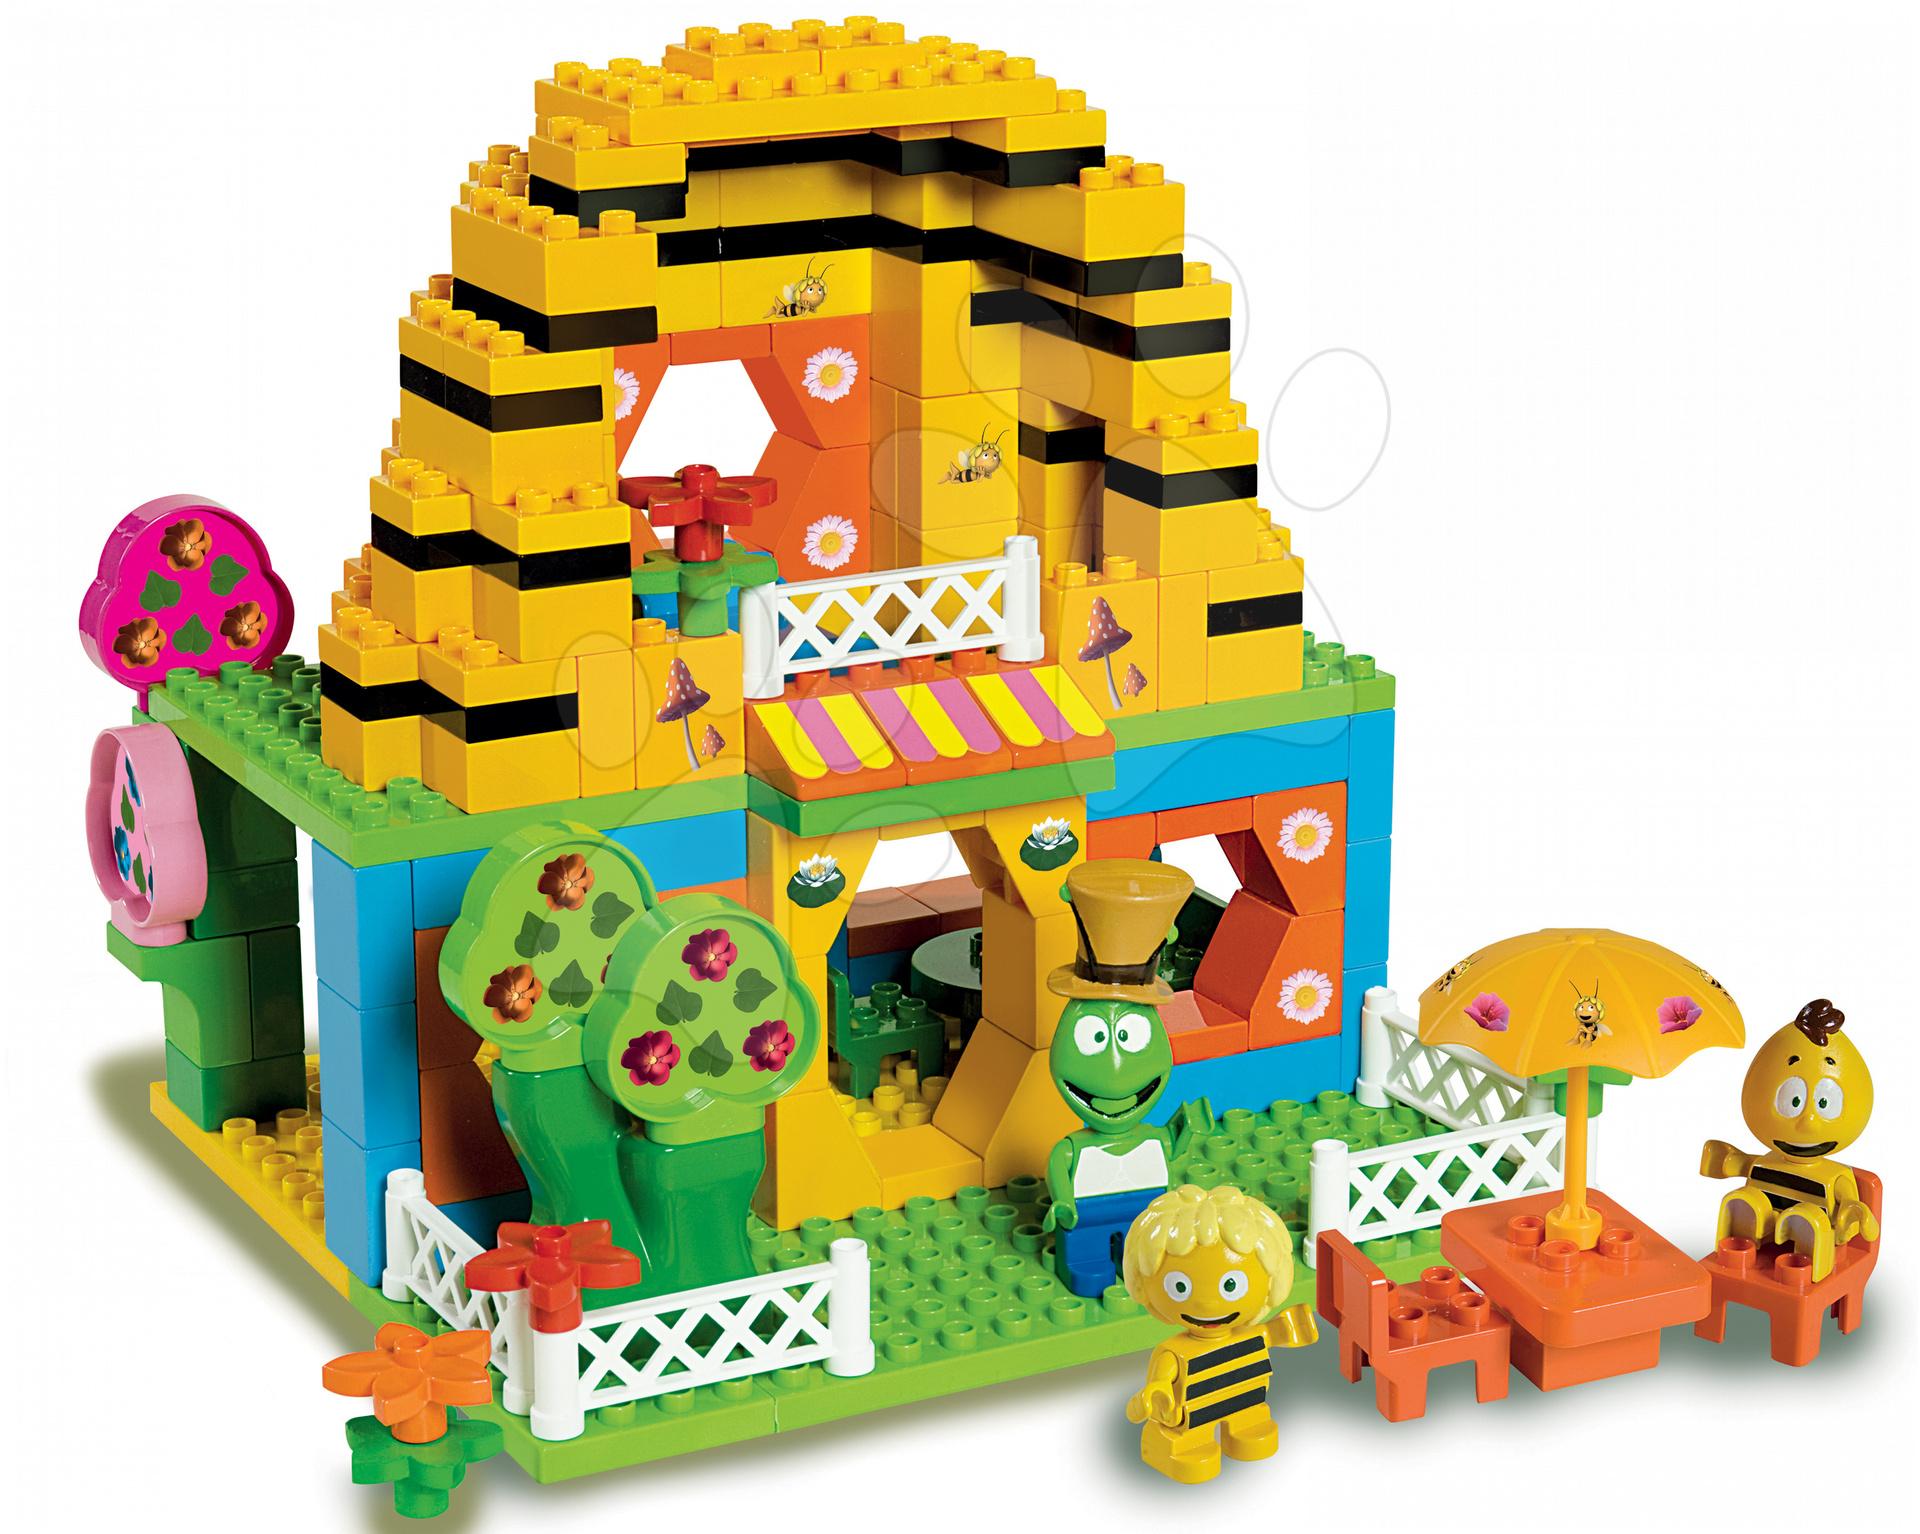 Stavebnice BIG-Bloxx ako lego - Stavebnica PlayBIG Bloxx BIG Včielka Maja v domčeku s 3 figúrkami 213 dielov od 18 mes